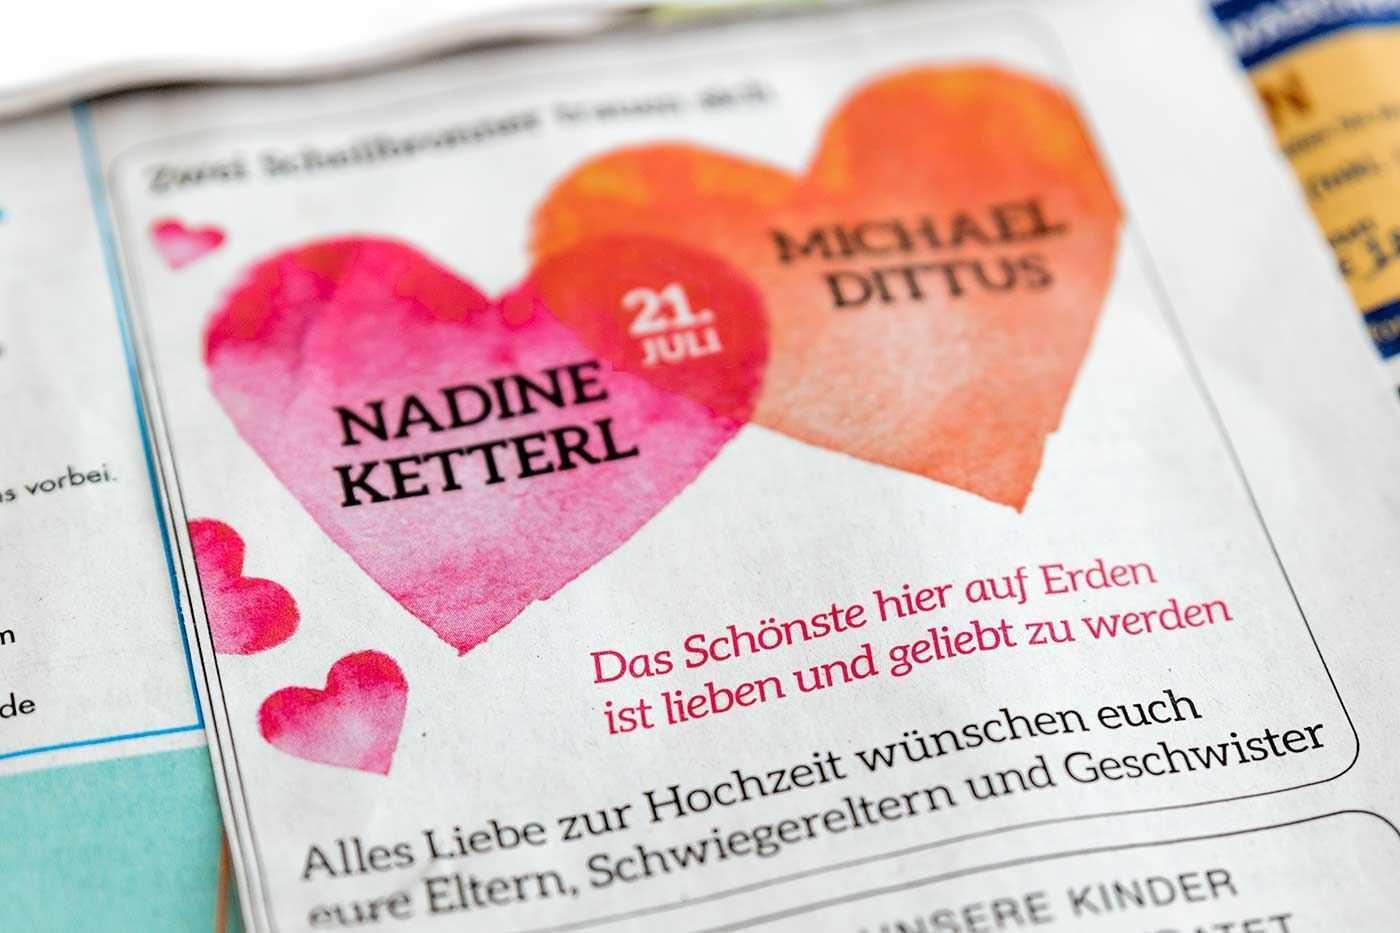 Textideen Fur Eure Hochzeitsanzeige Hochzeitsanzeige Alles Liebe Zur Hochzeit Hochzeit